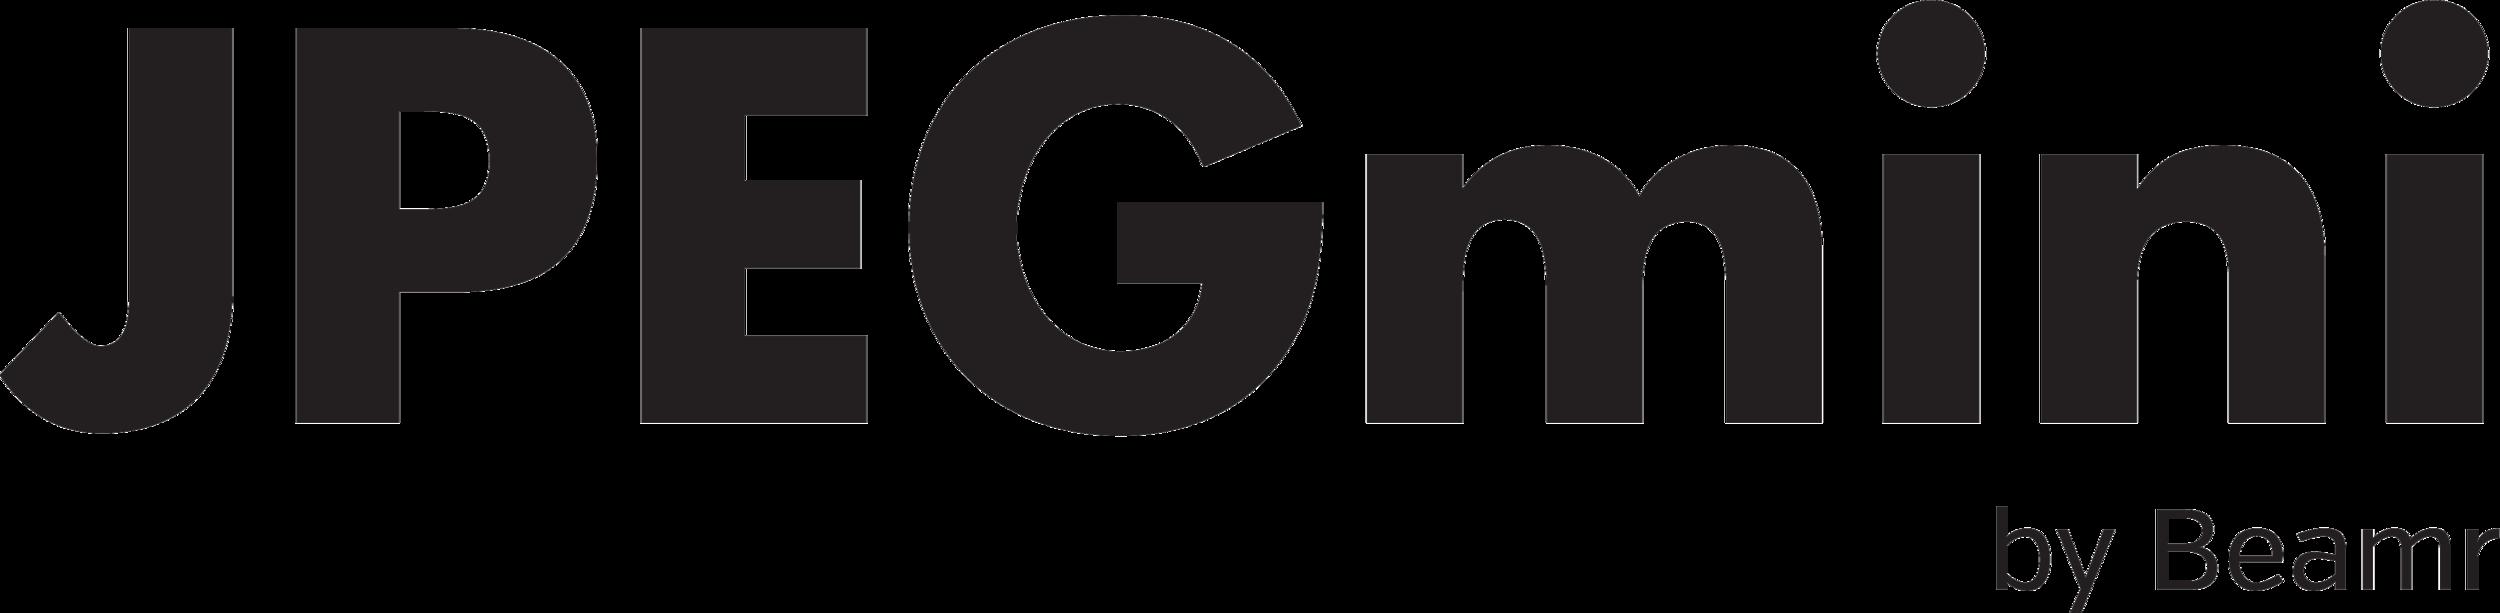 JPEGmini_Logo_pp.png